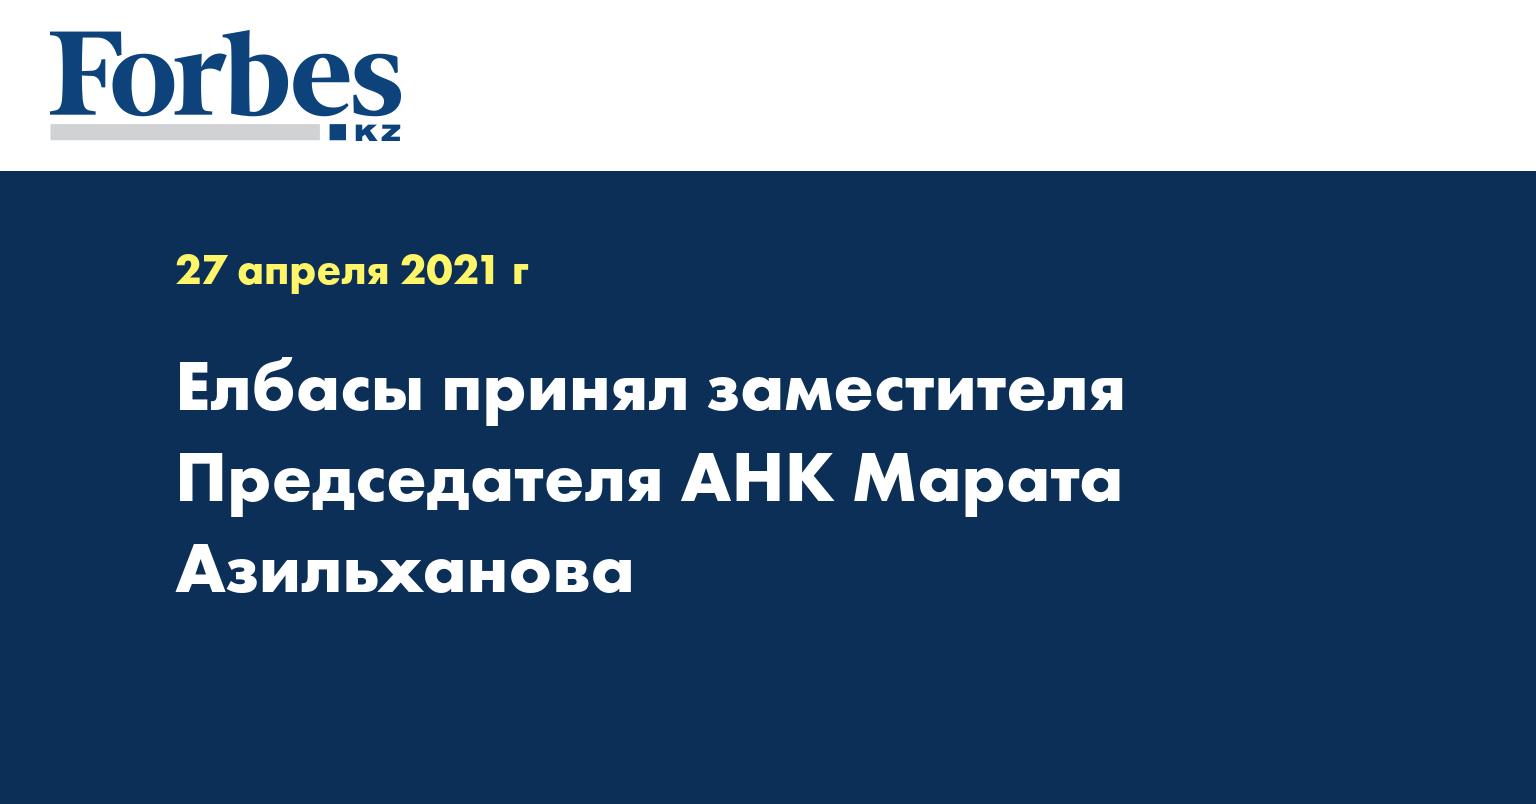 Елбасы принял заместителя Председателя АНК Марата Азильханова